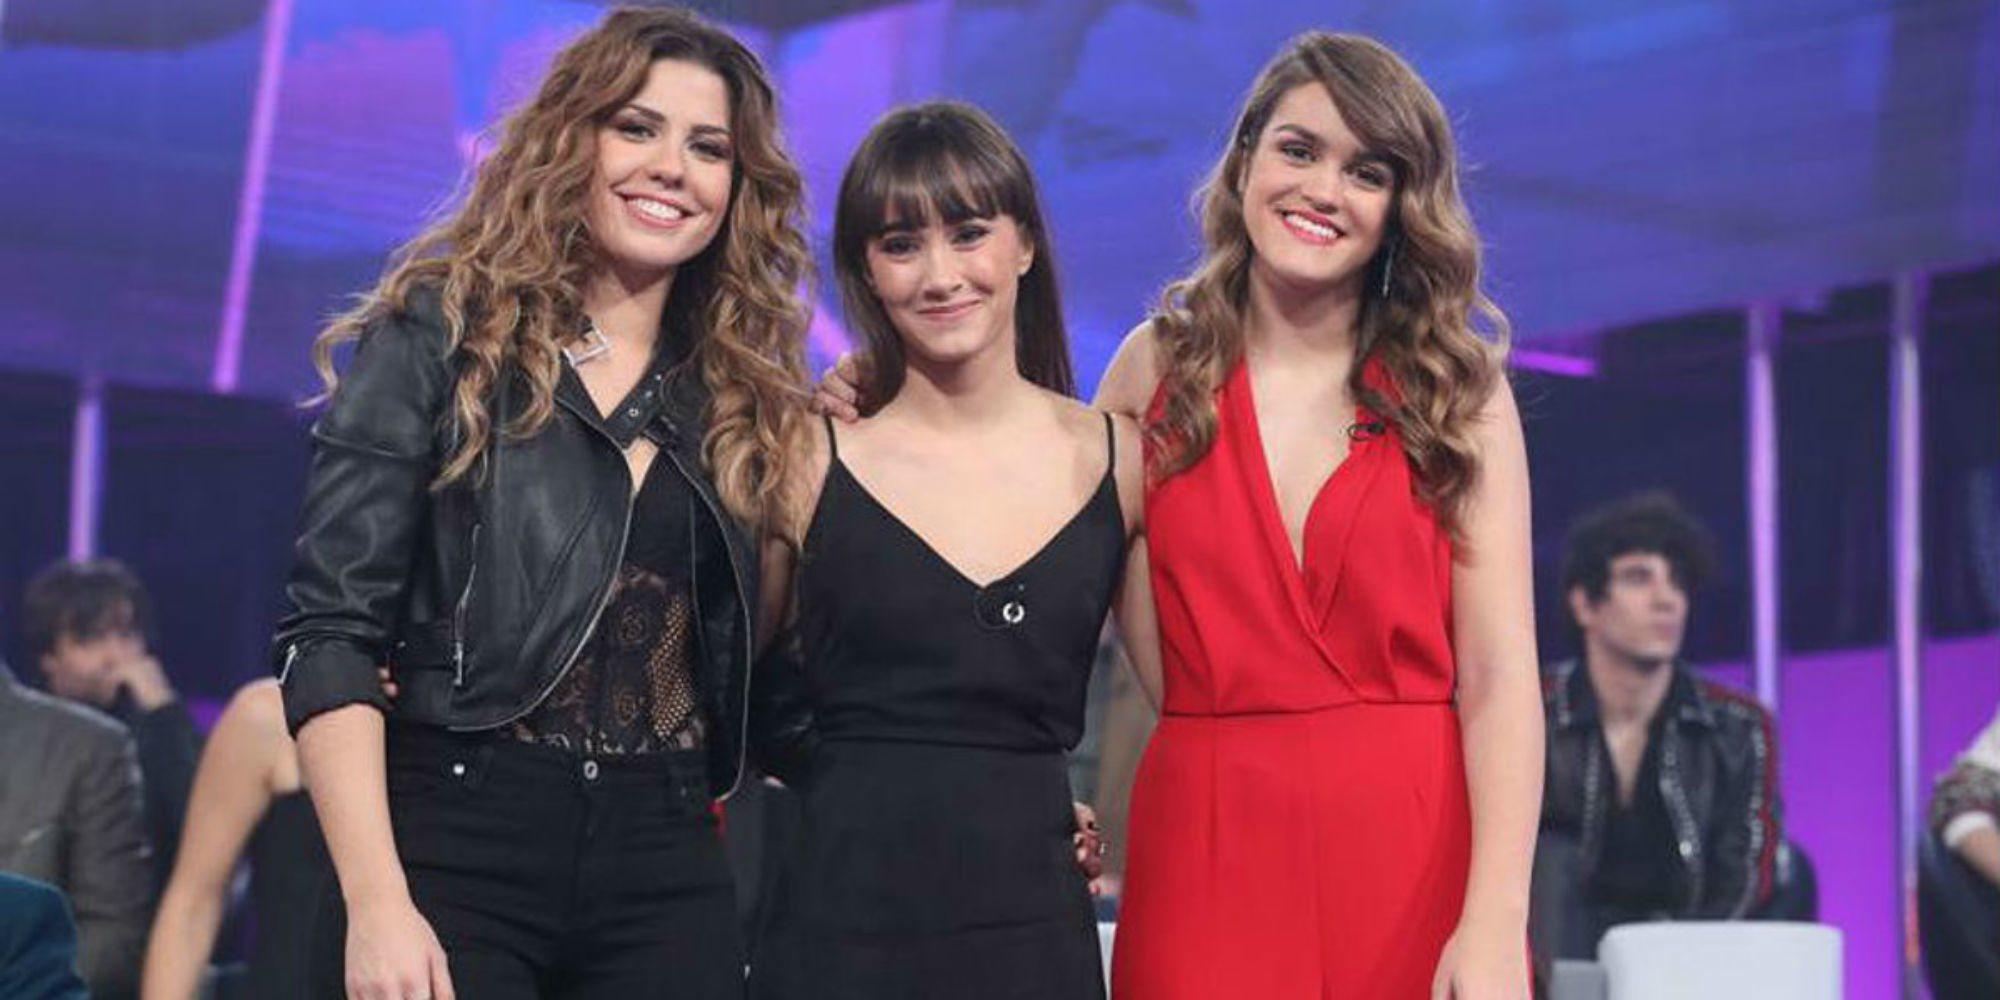 Amaia Romero, Aitana Ocaña y Miriam Rodríguez, protagonistas de las novedades musicales de la semana